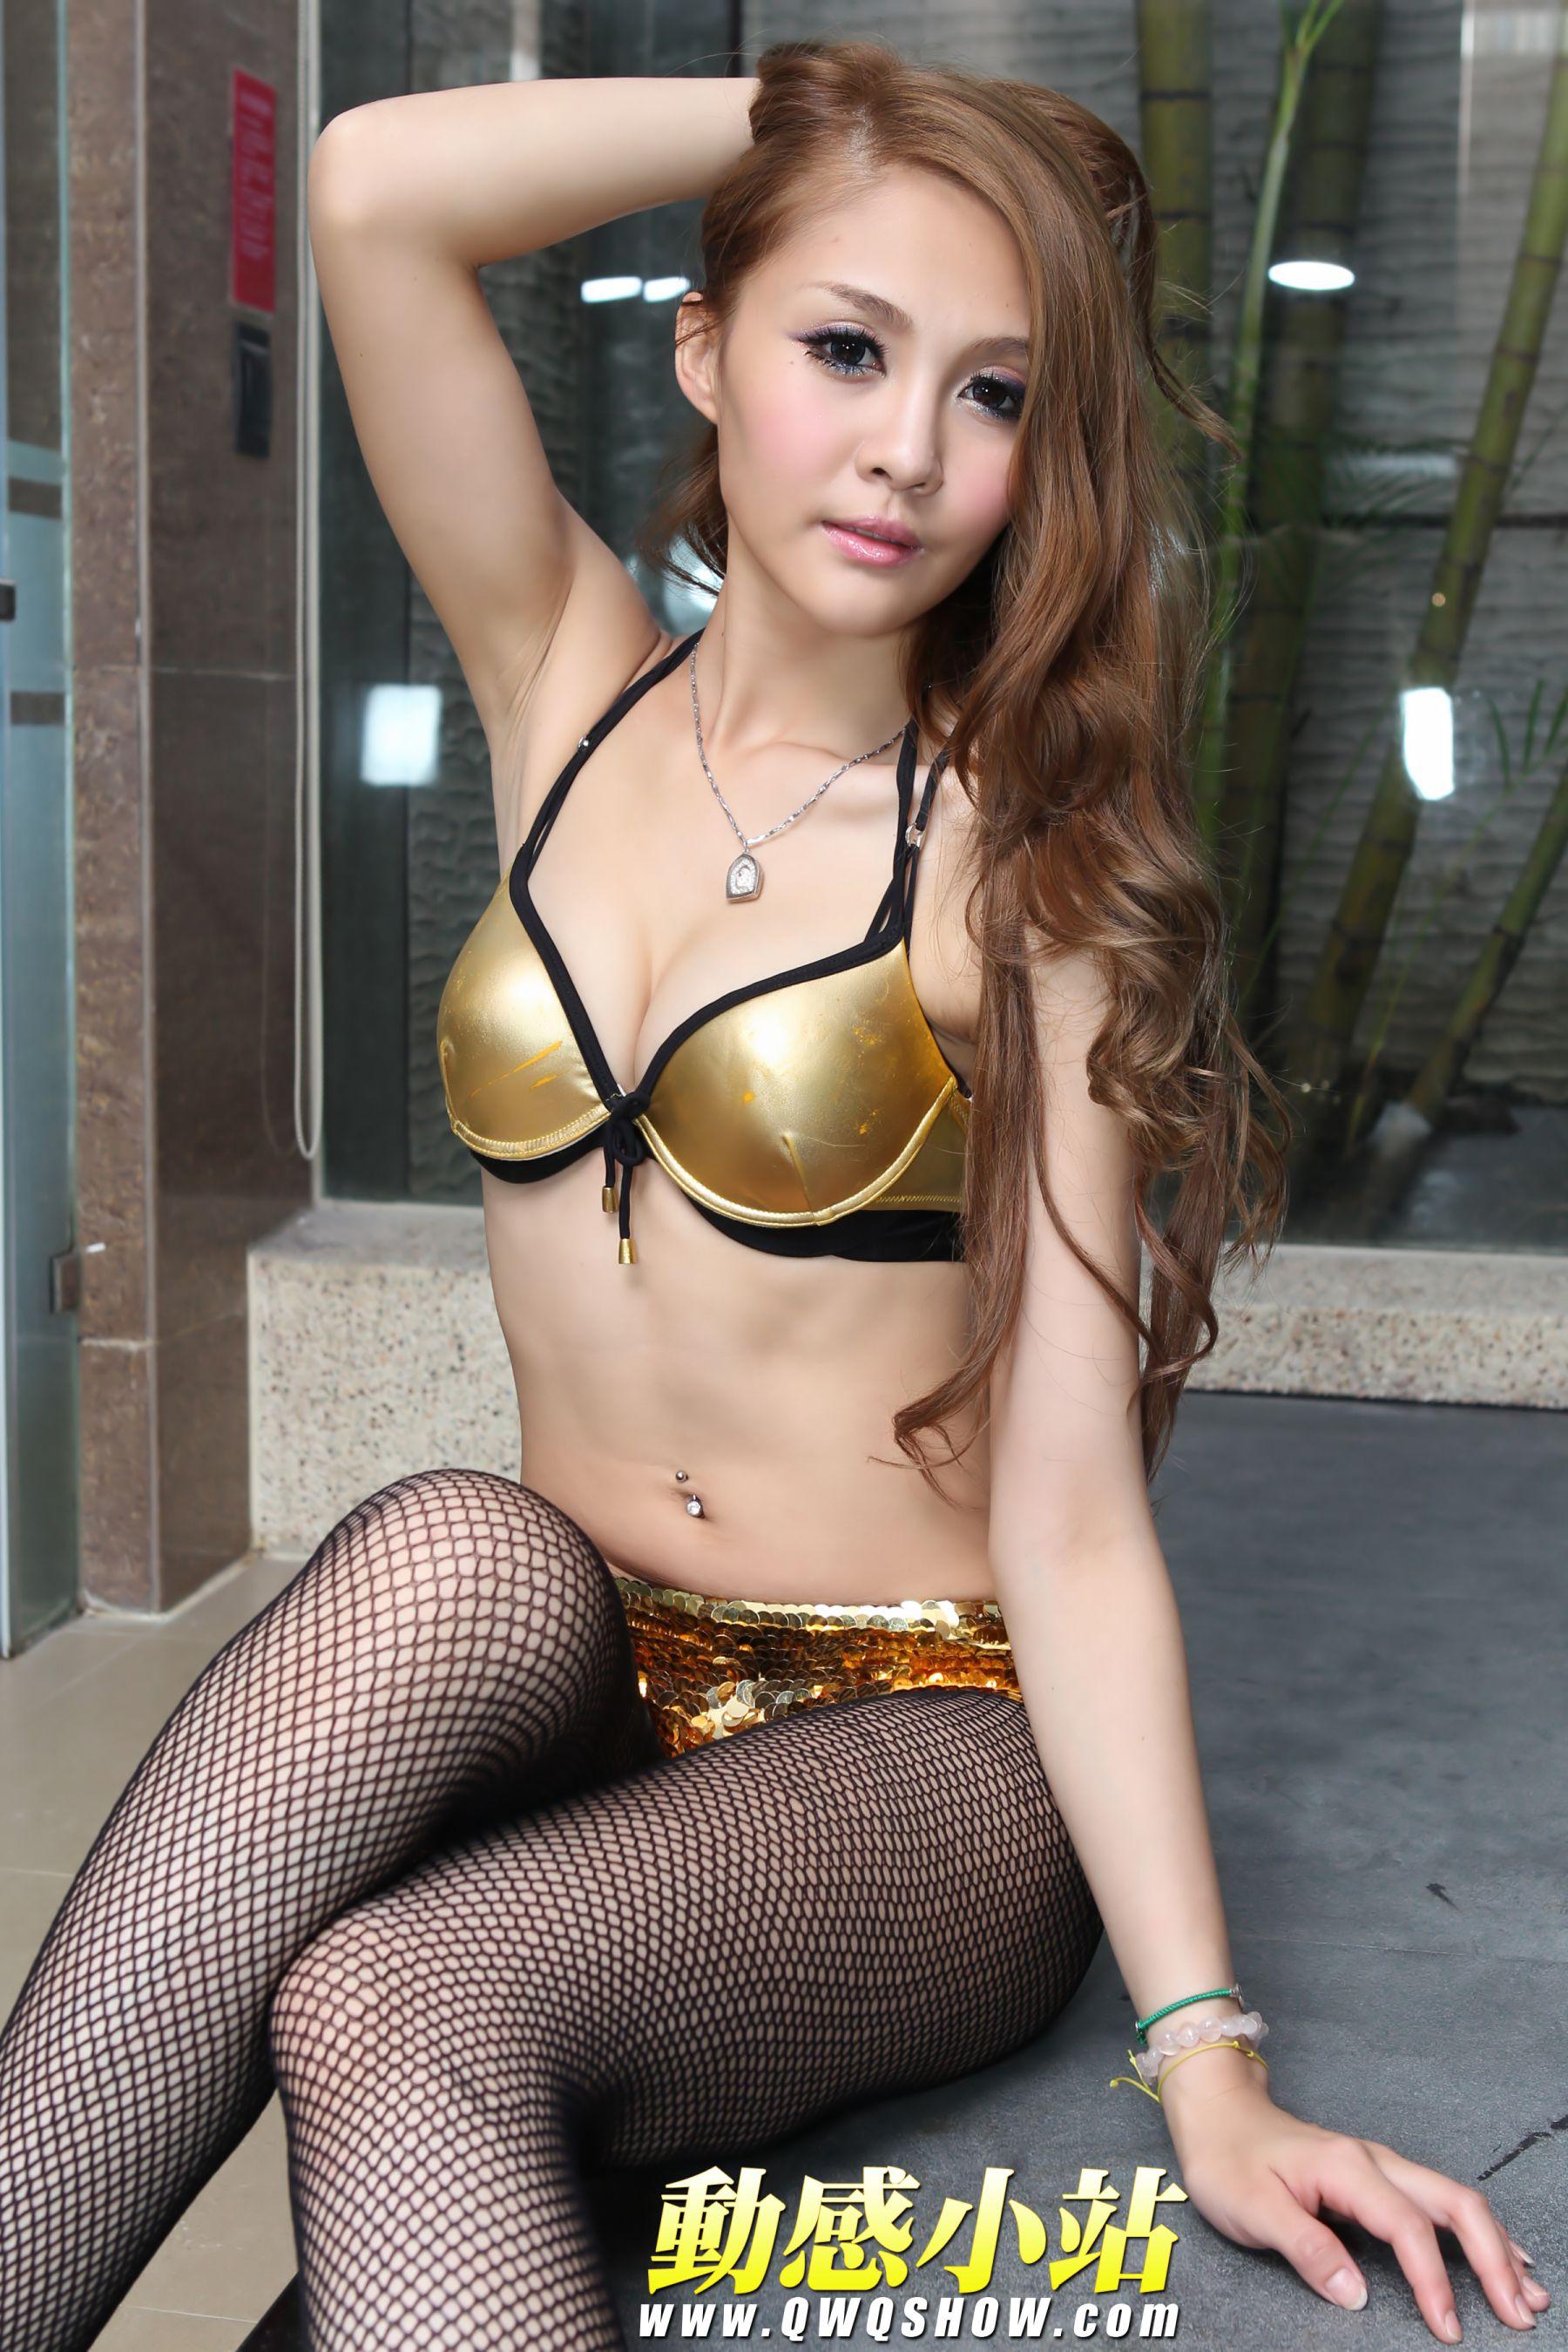 VOL.468 [动感之星]网袜:蜜桃(动感小站蜜桃,动感之星蜜桃)高品质写真套图(80P)